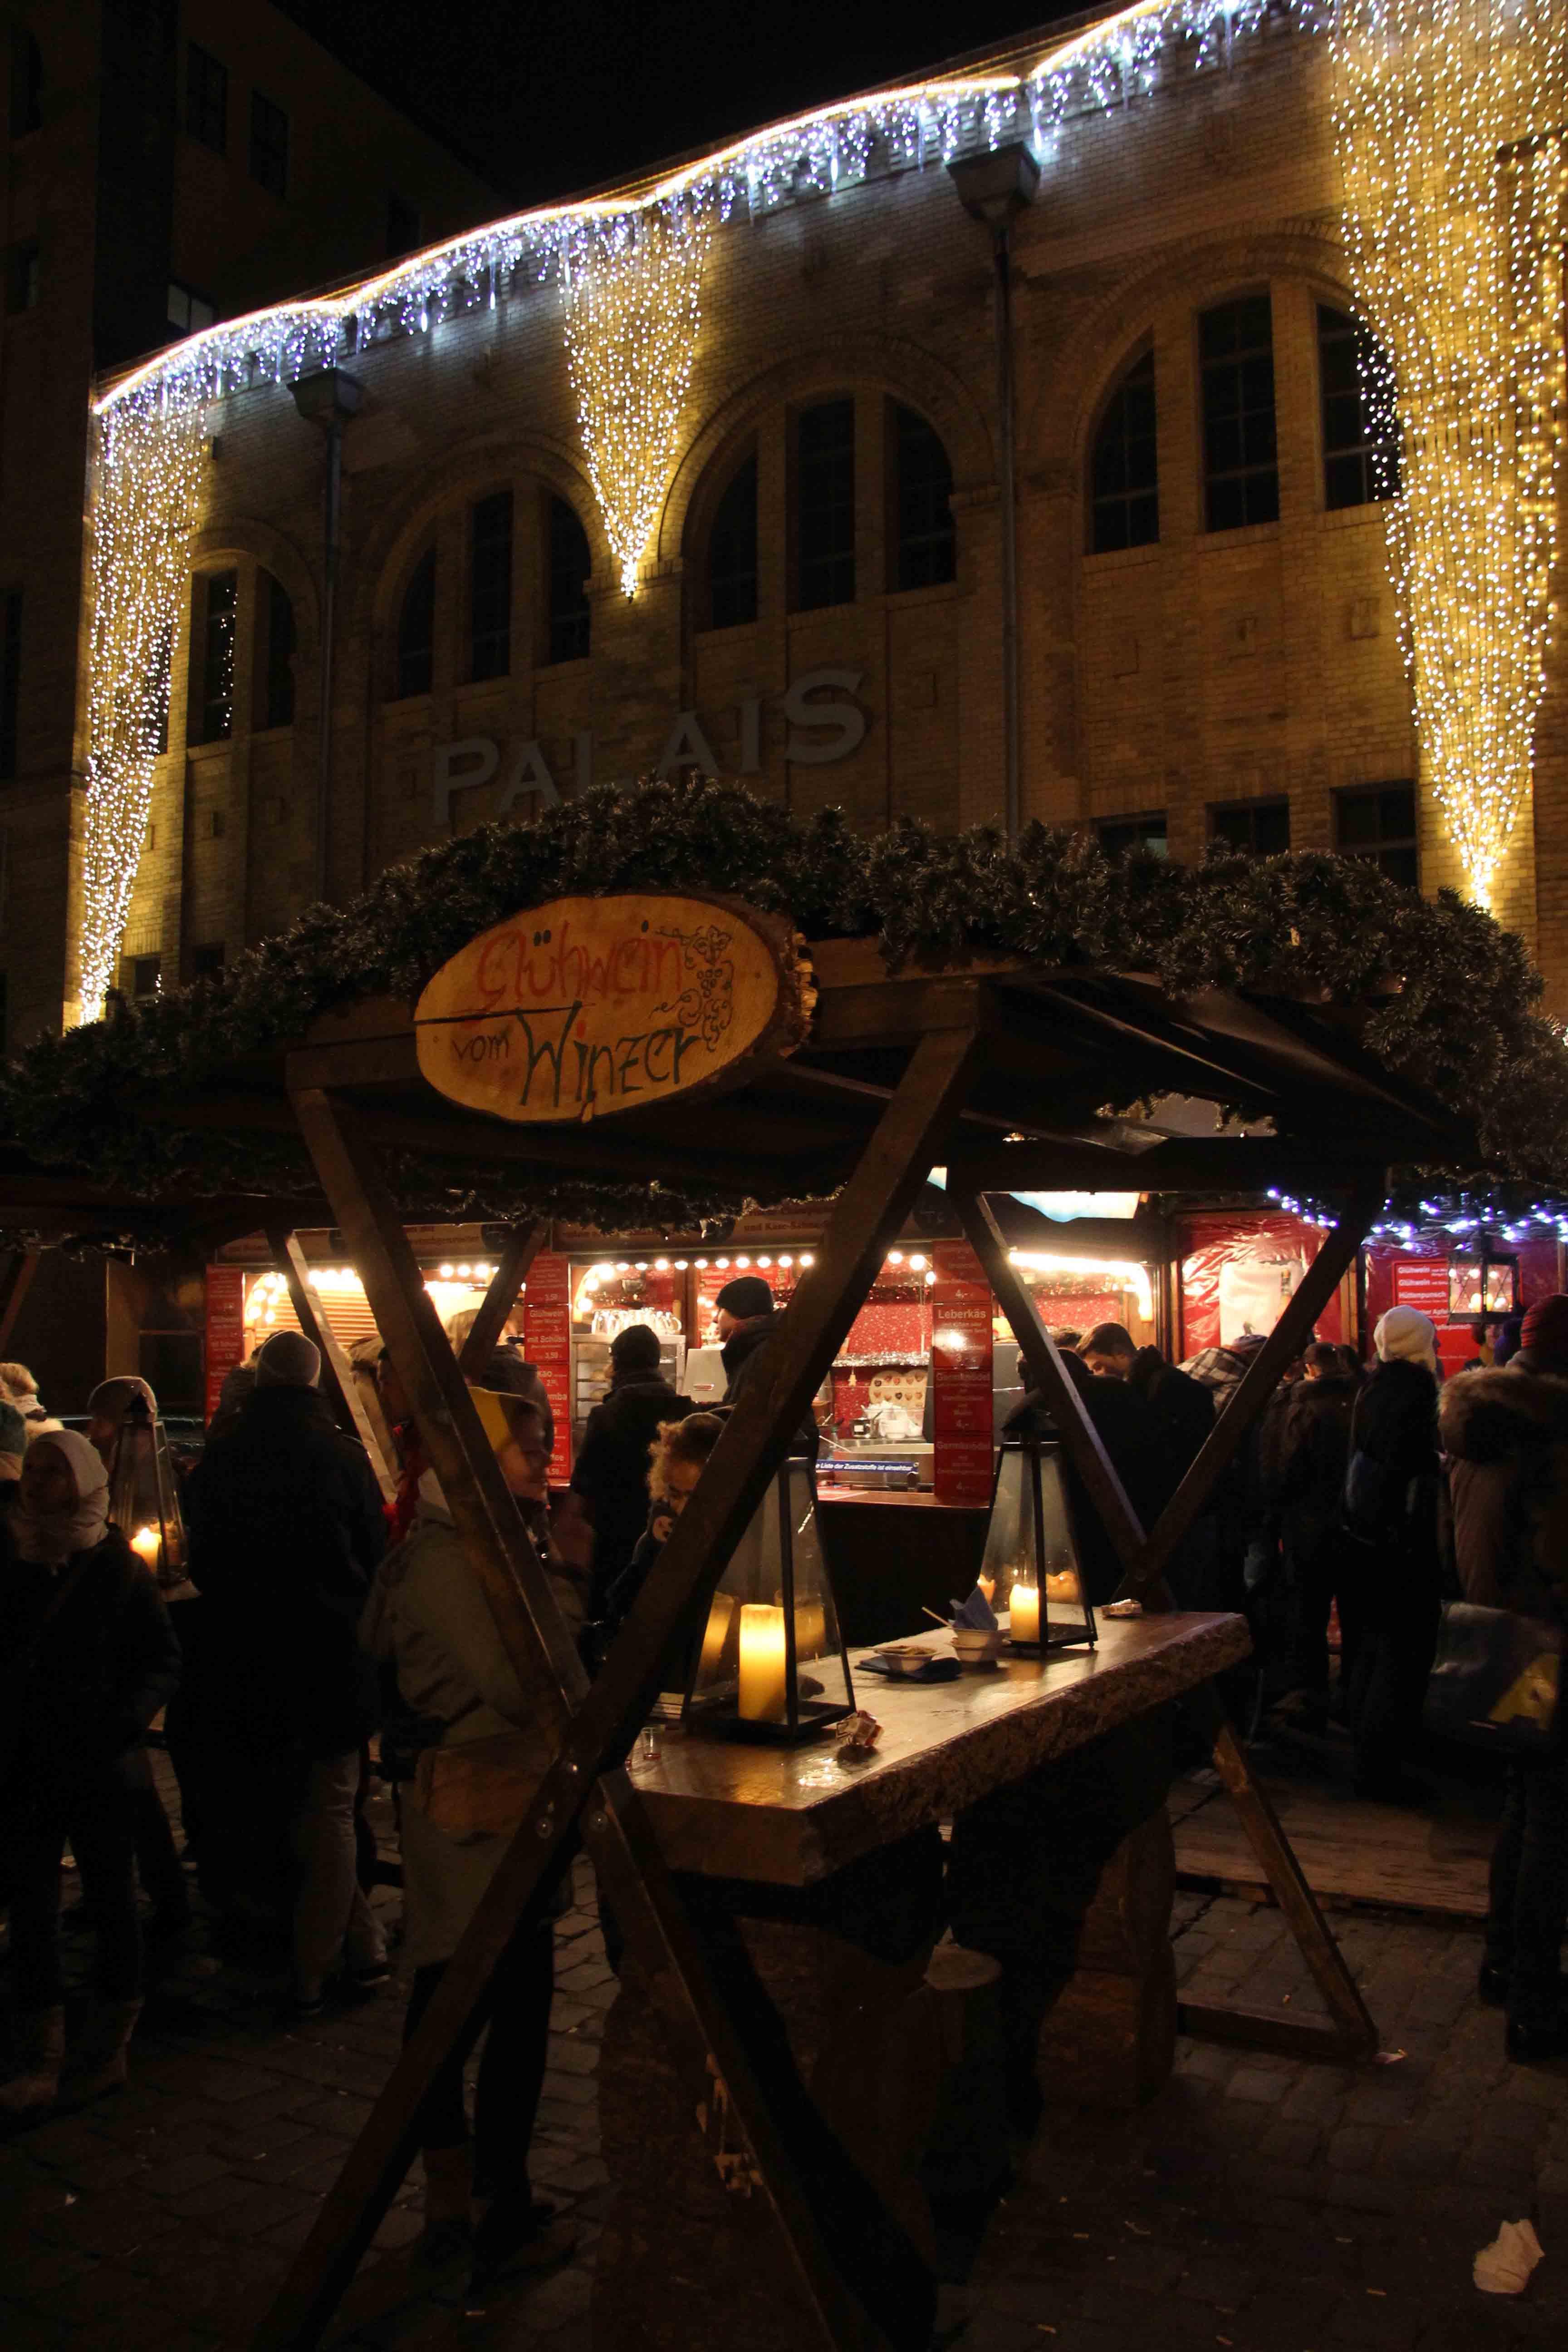 A Glühwein stand at Lucia Weihnachtsmarkt in der Kulturbrauerei - a Christmas Market in Berlin